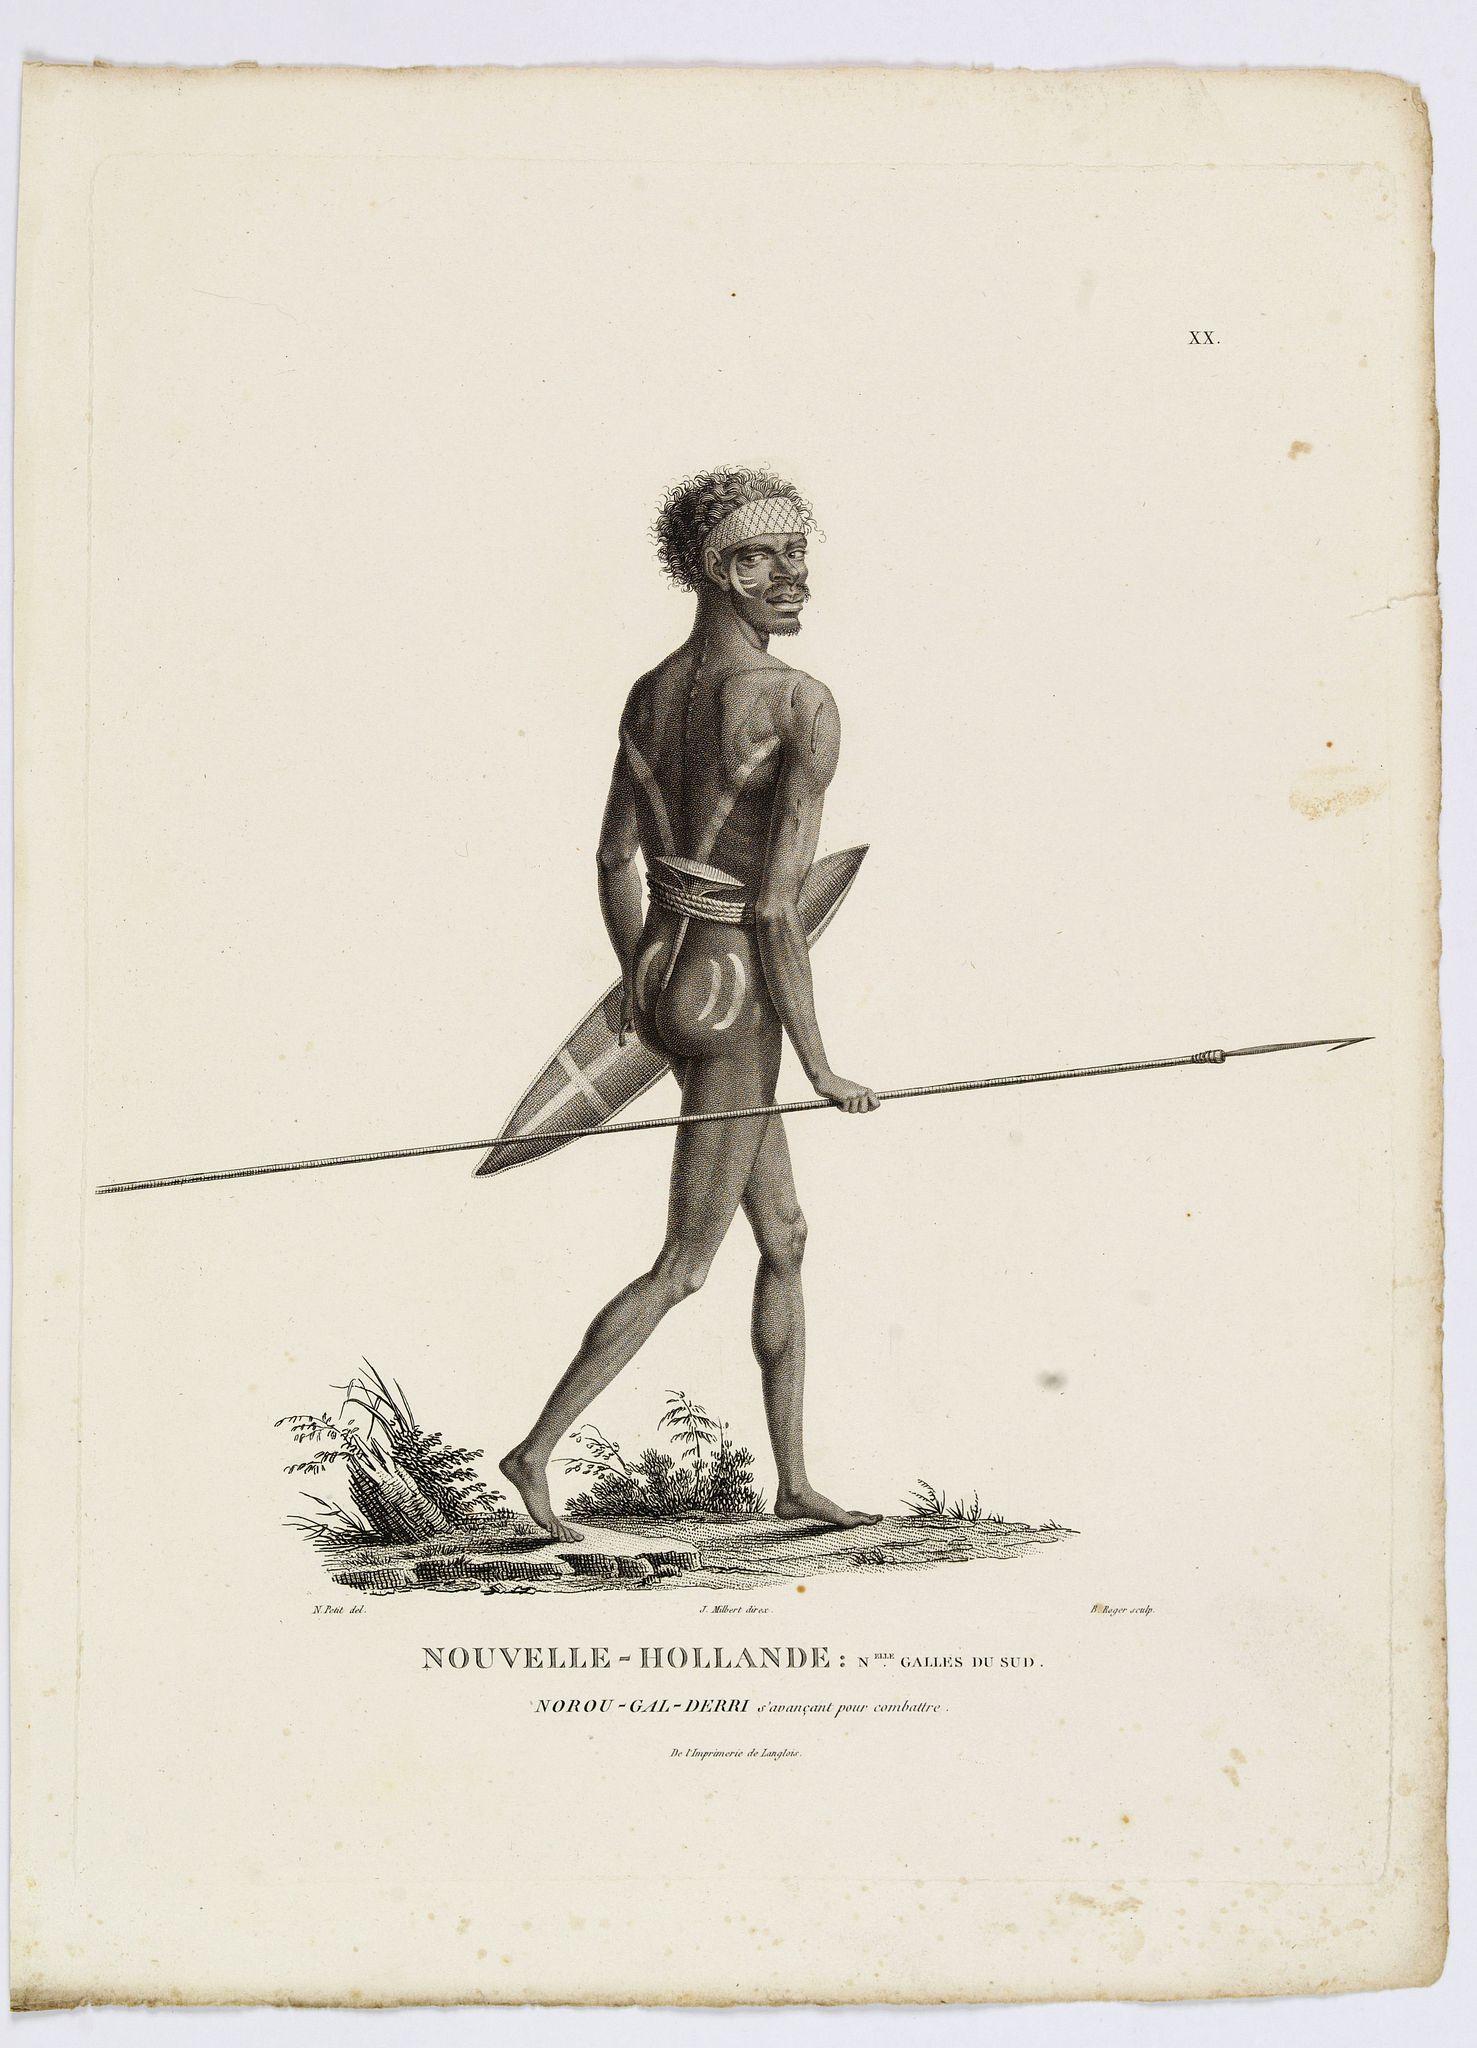 LESUEUR, C-A. / PERON, F. -  Nouvelle-Hollande. Nouvelle Galles du Sud. Norou-Gal-Derri. [plate XX]